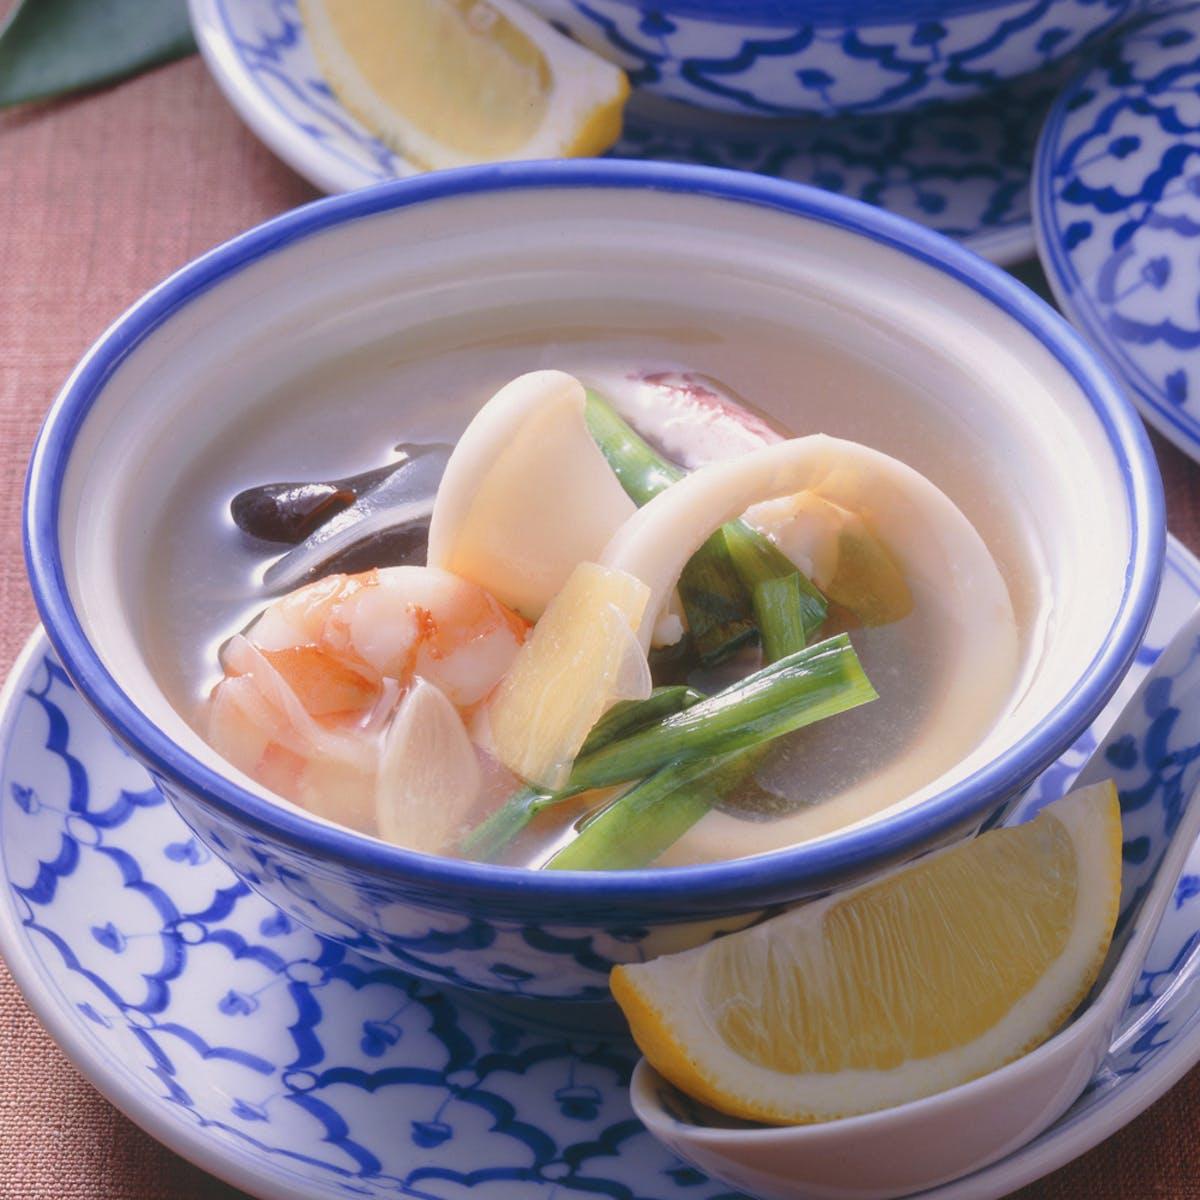 エスニック風スープ